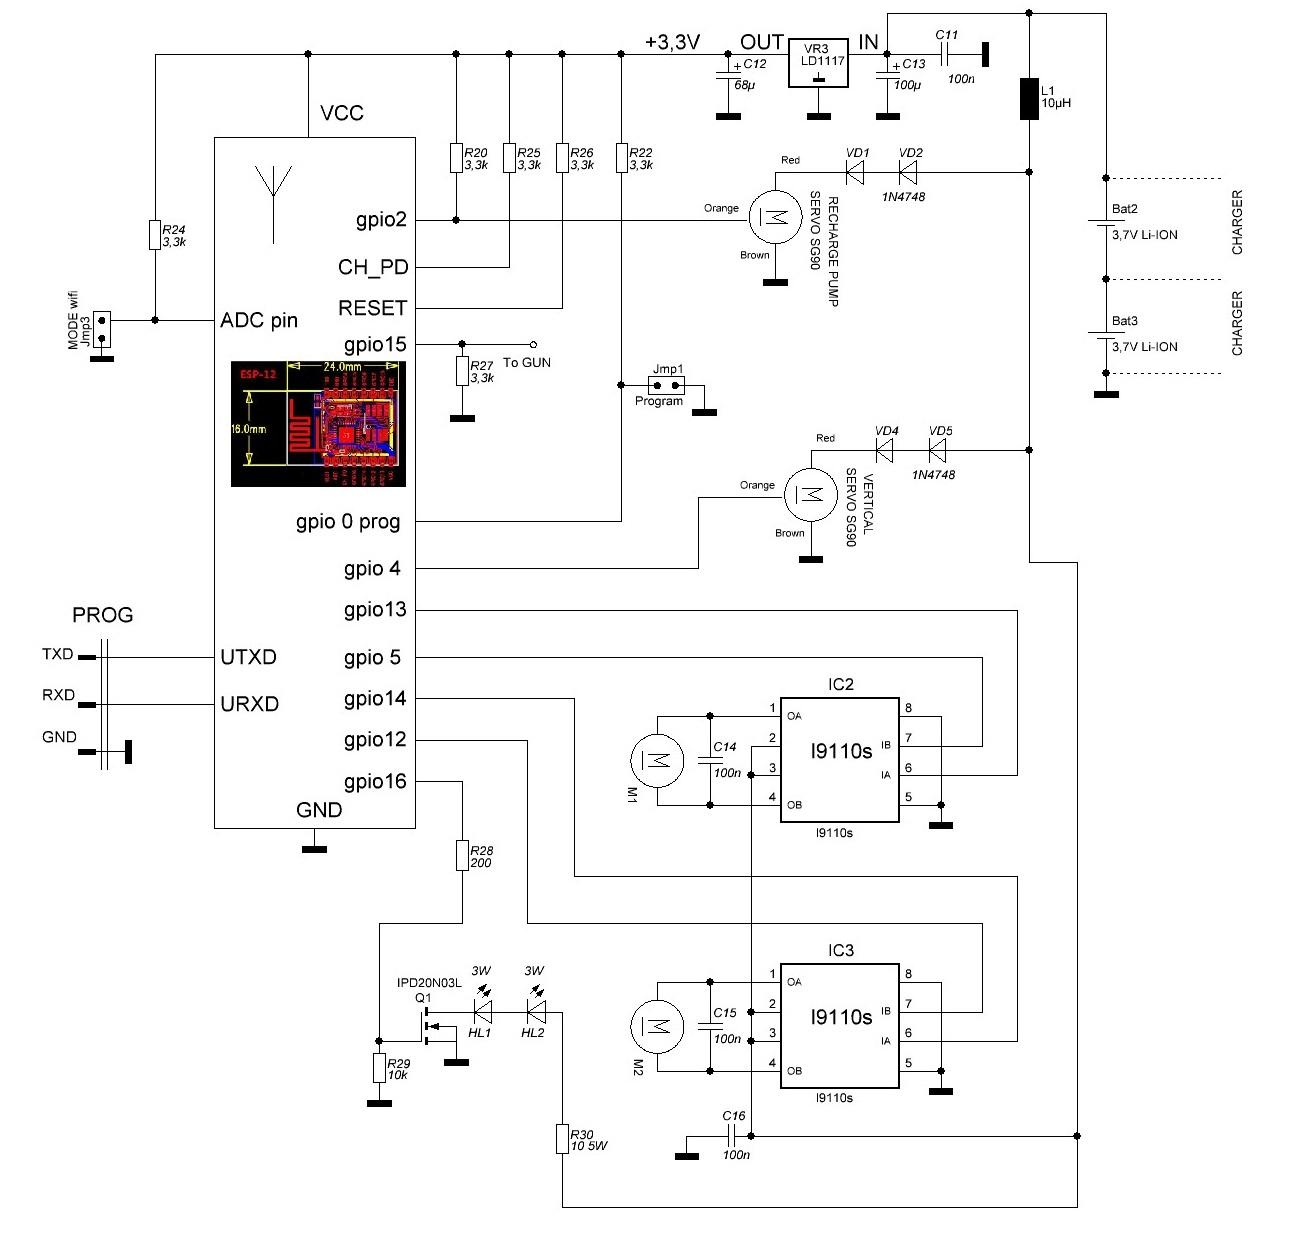 схема цветомузыки на светодиодах 6ти канальной